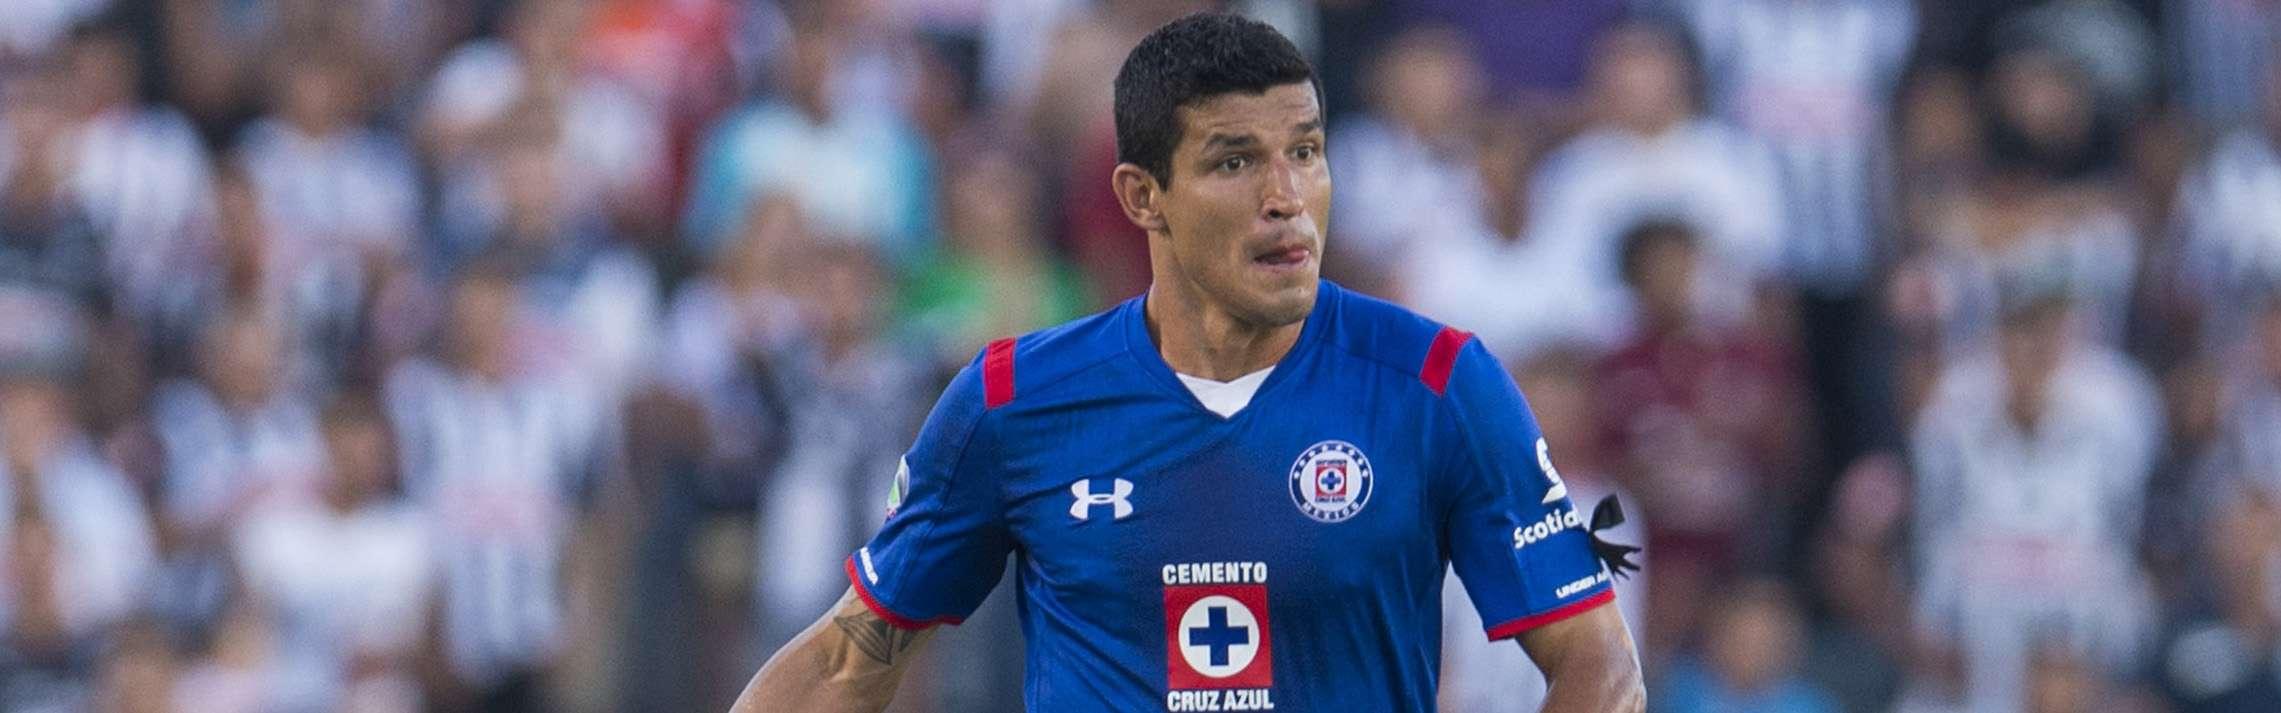 Cruz Azul y la Femexfut optaron por el regreso de Francisco Javier Rodríguez. Foto: Mexsport